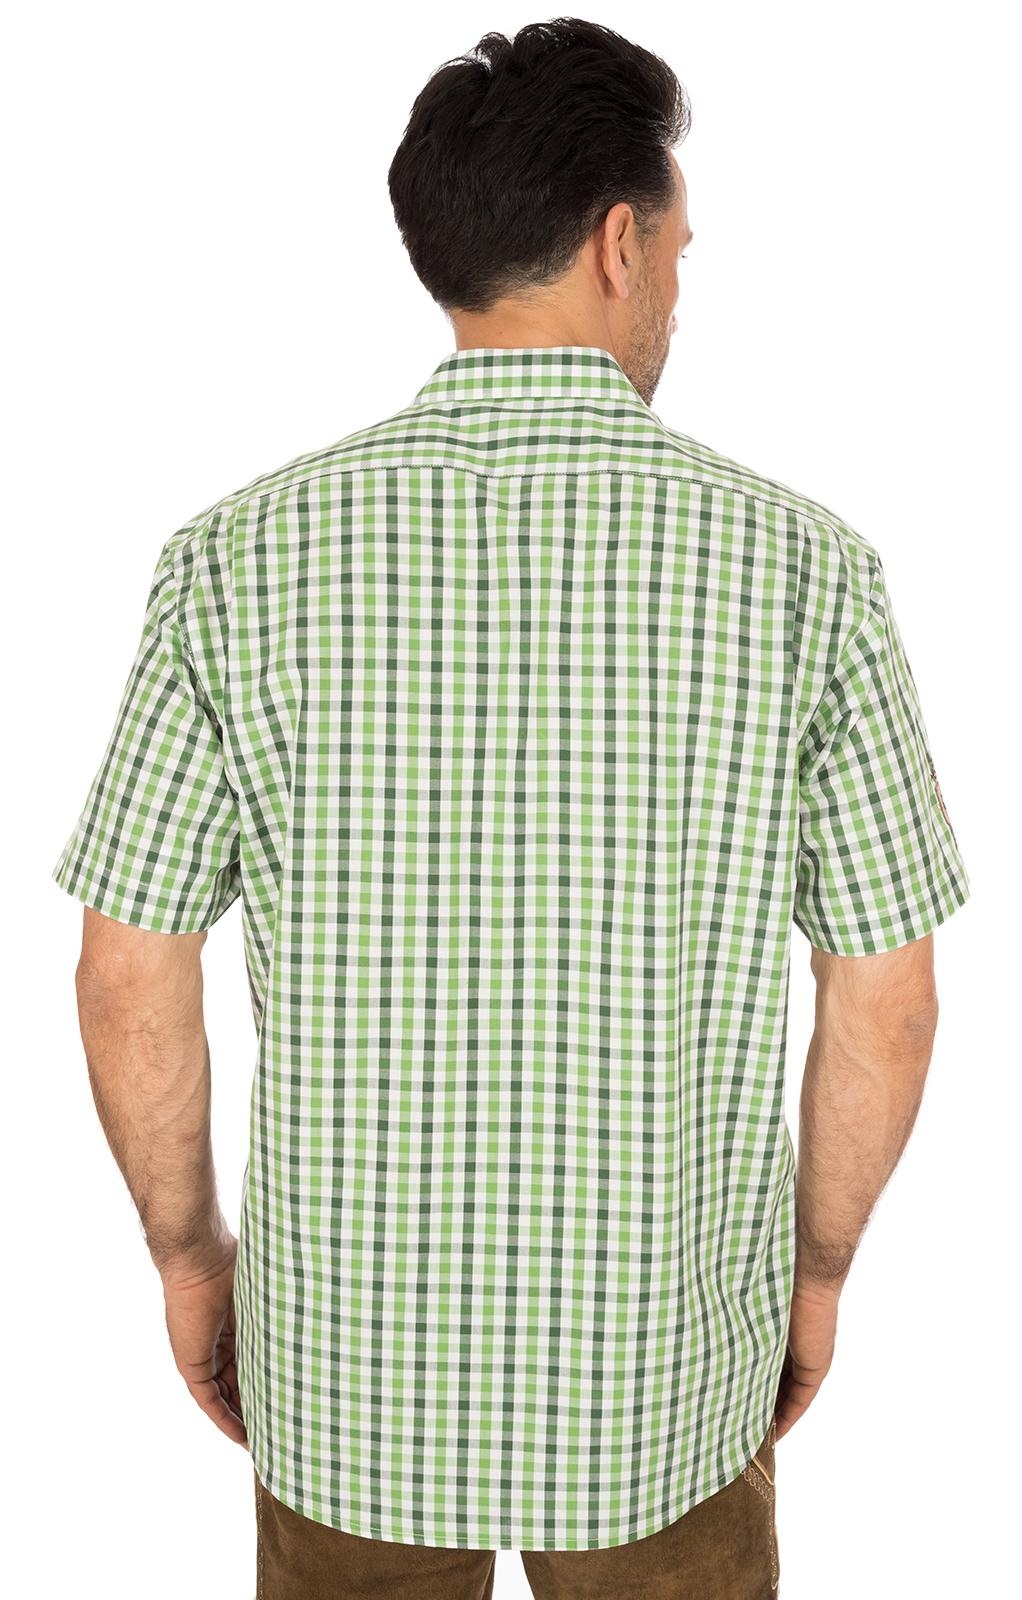 weitere Bilder von German traditional shirt short arms green